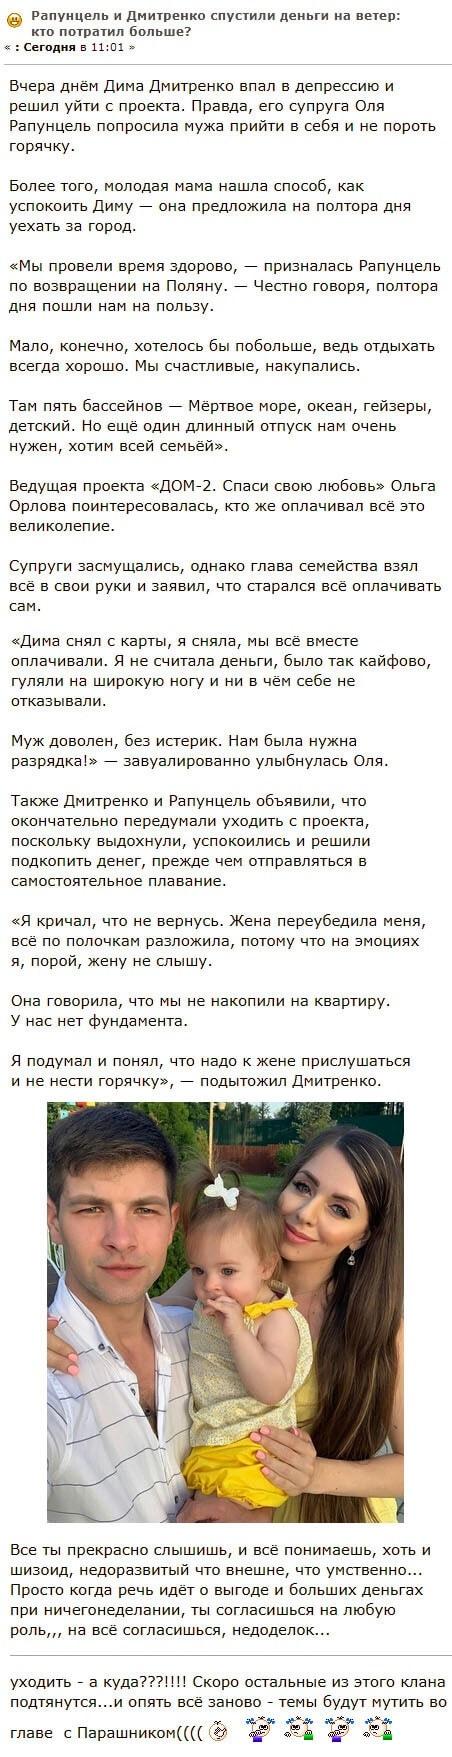 Ольга Орлова поставила Рапунцелей в неловкое положение